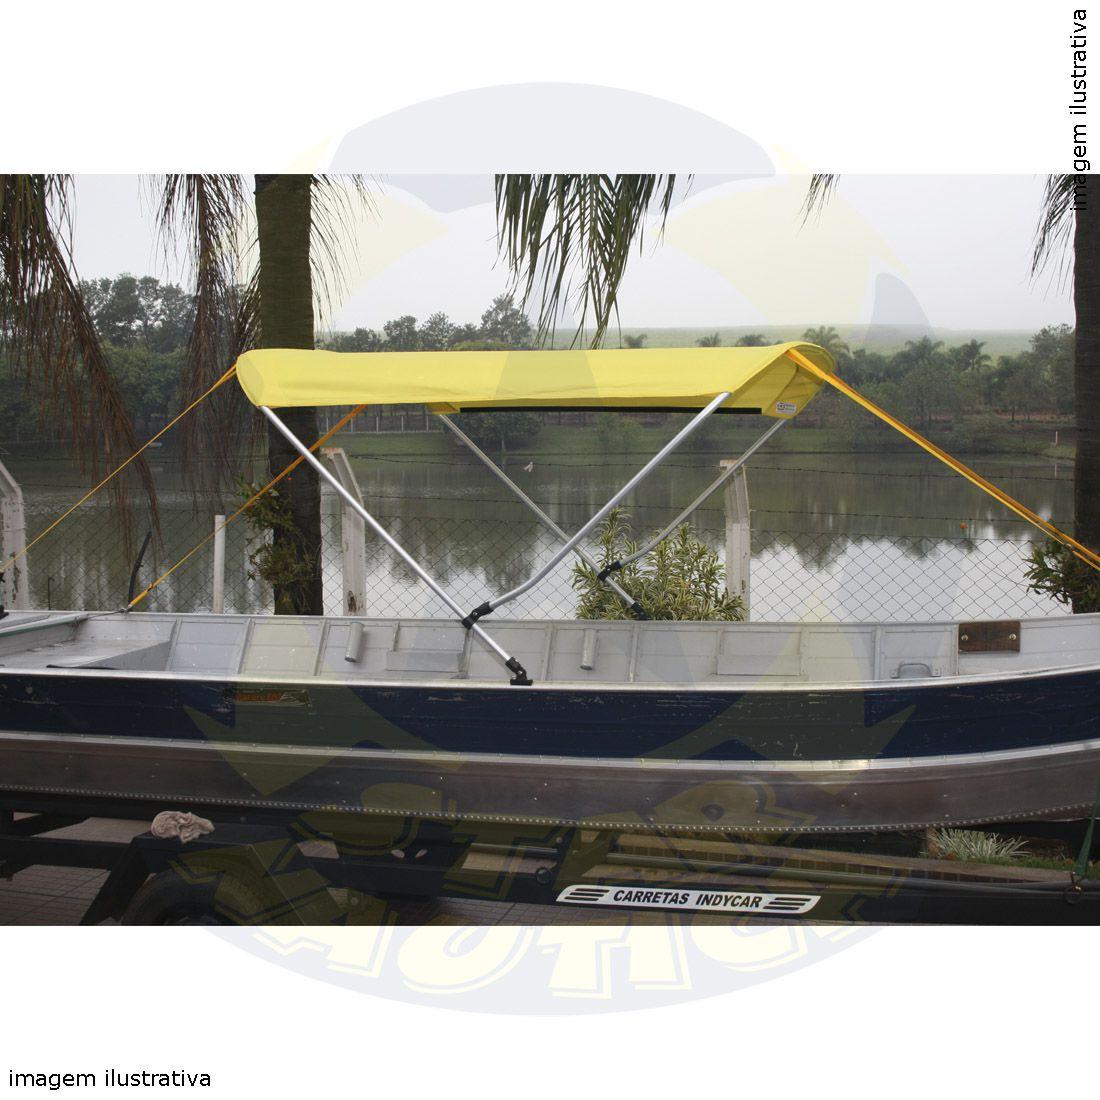 Capota Toldo Barco Aruak 600 Poliéster 2 Arcos Tubo 7/8